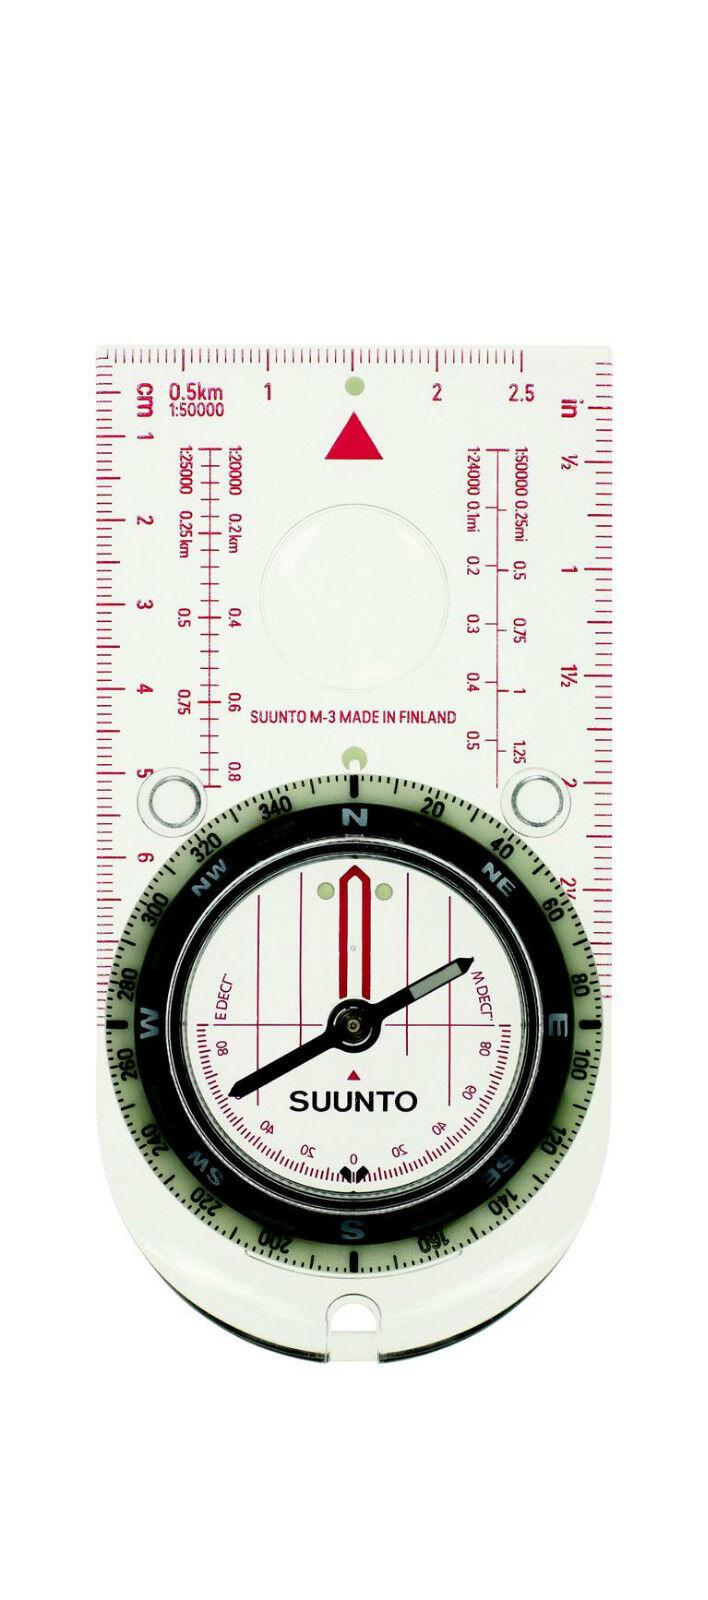 Suunto M-3 Linealkompass Marschkompass 360-Grad Kompass Kompaß 708107